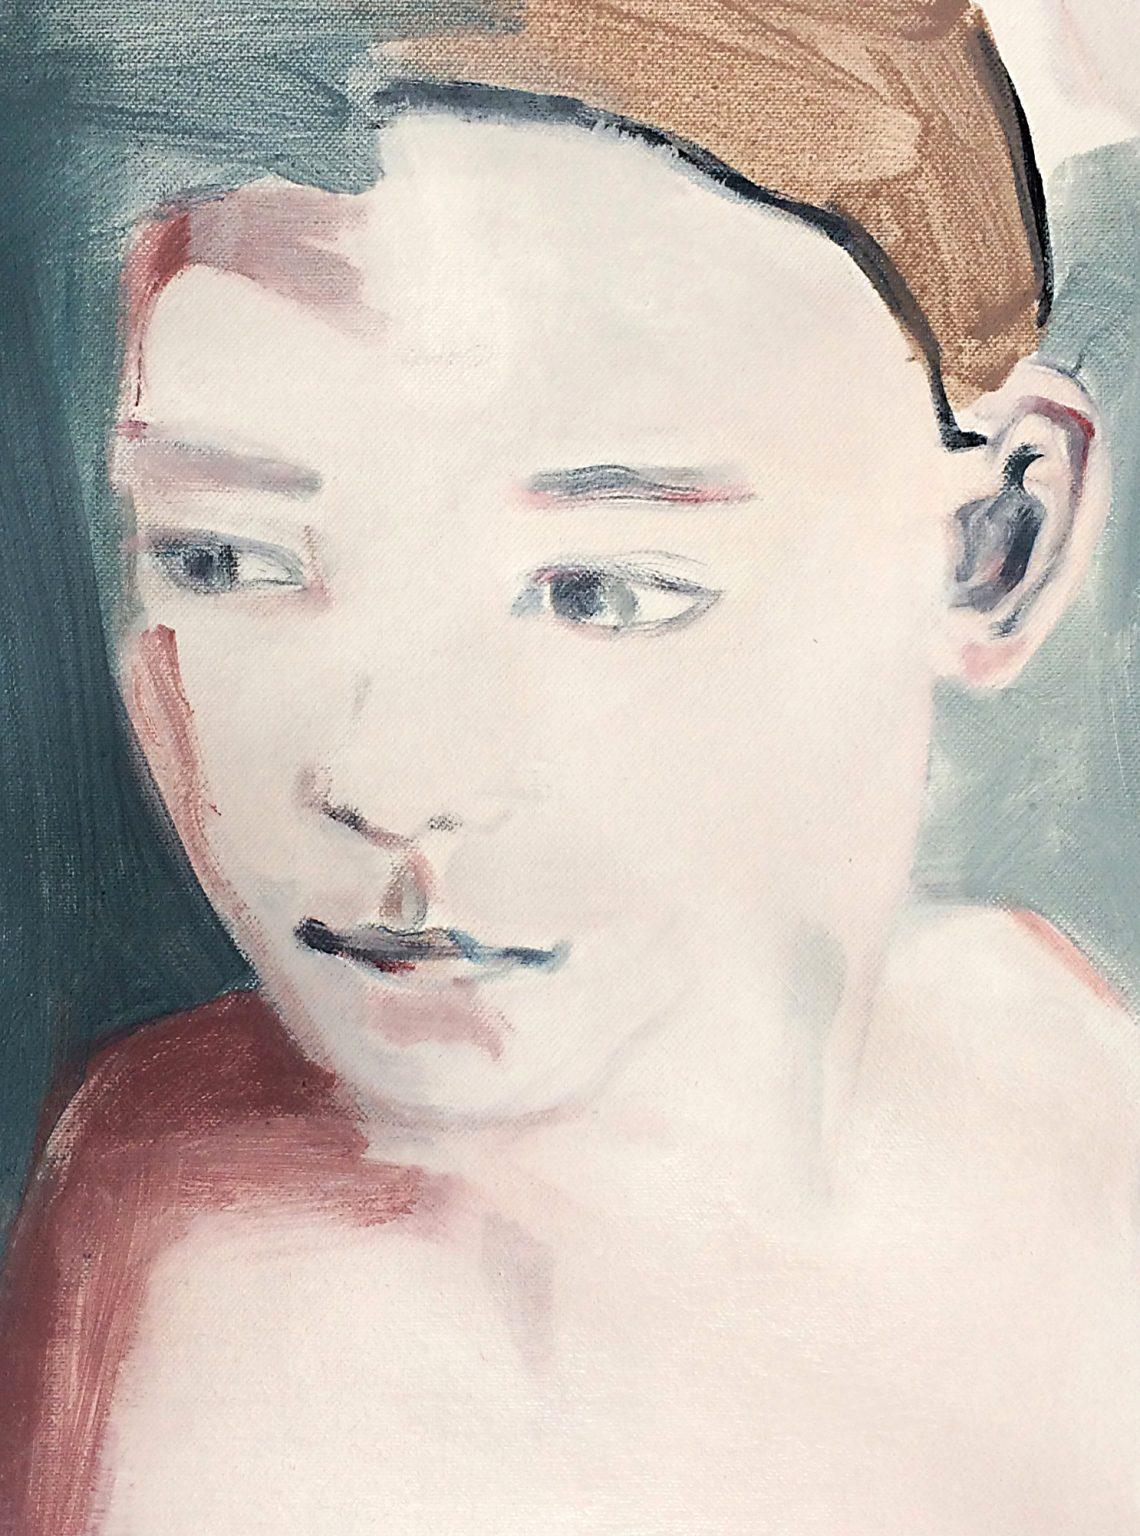 the boy 31x23cm acrylics on canvas